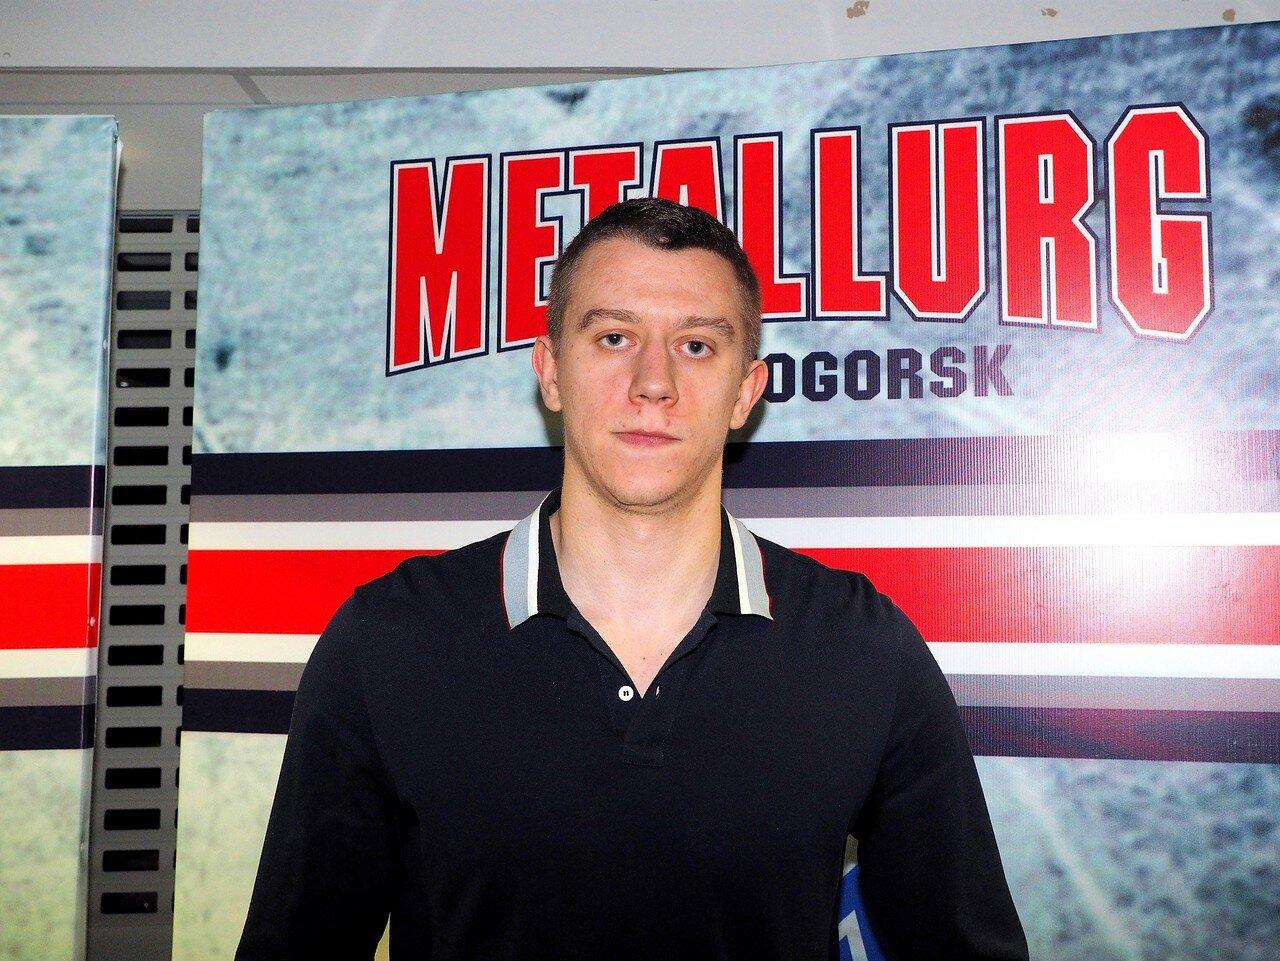 223 Металлург - ЦСКА 18.10.2017